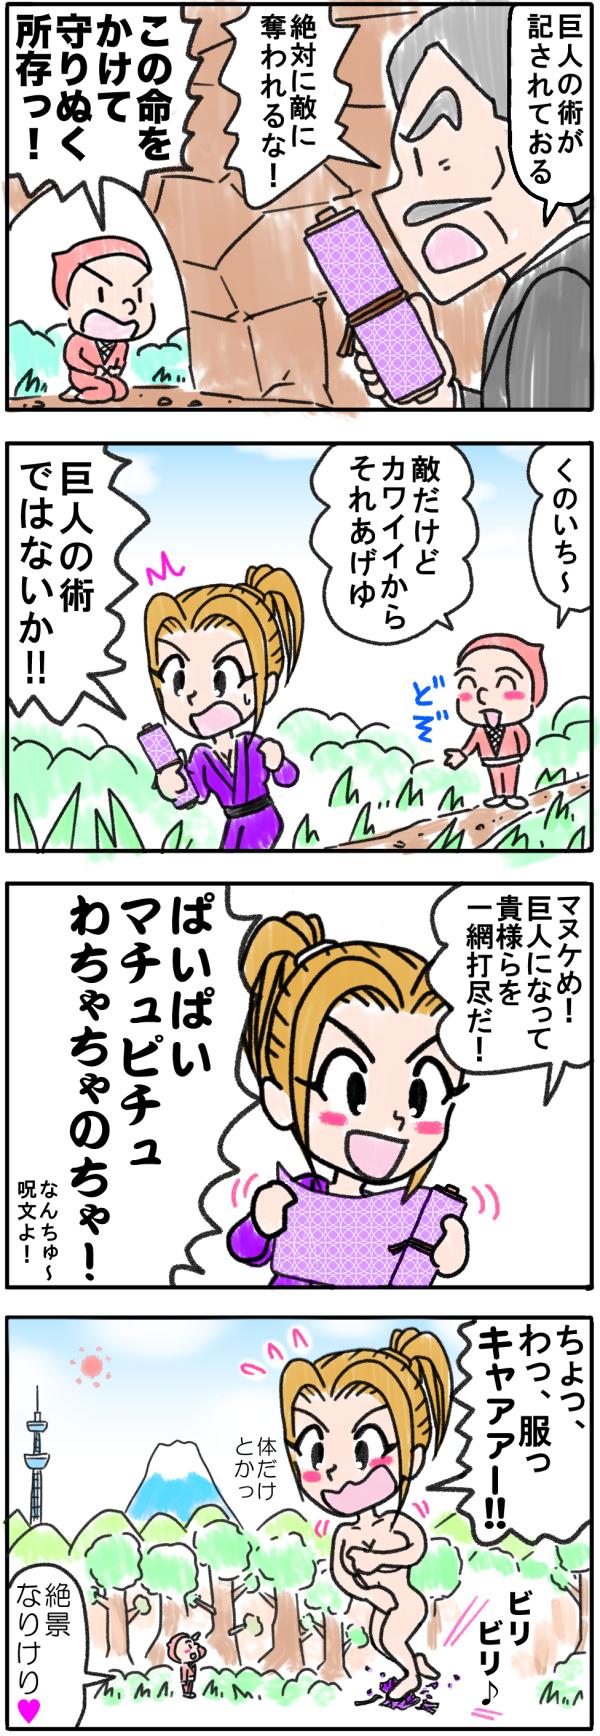 ニンジャ漫画